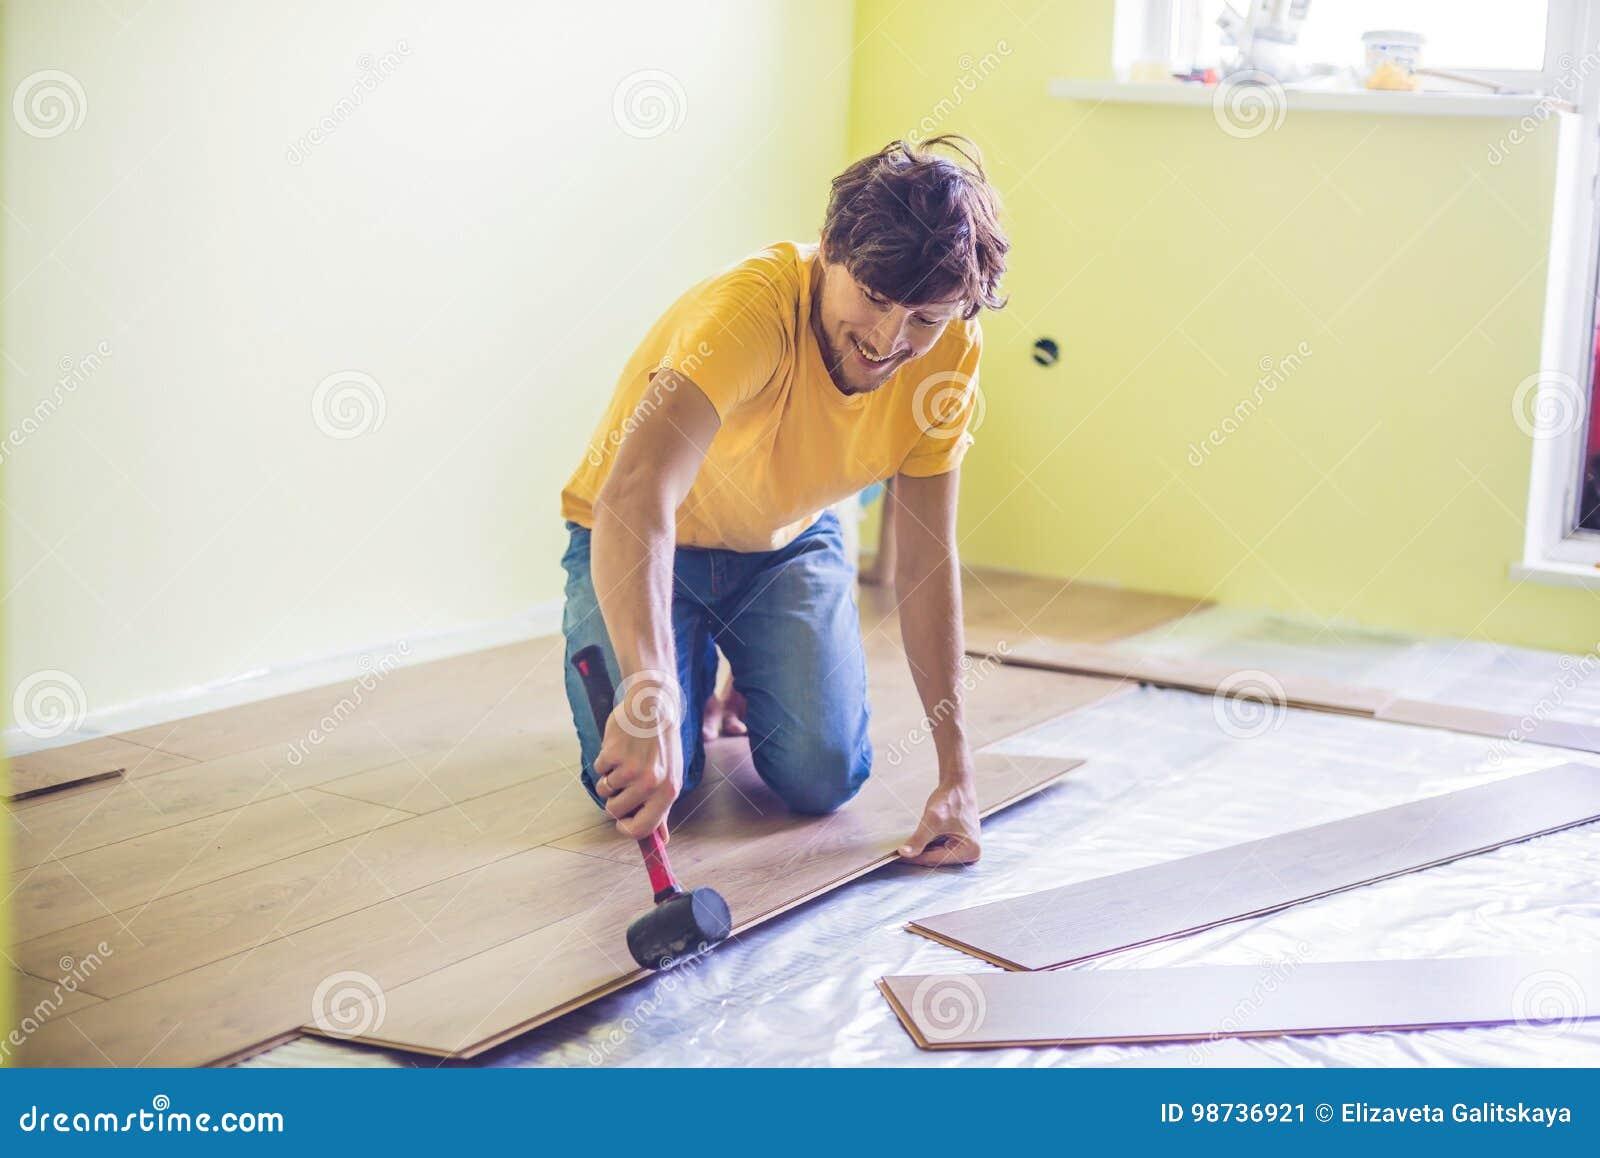 安装新的木层压制品的地板的人 红外地板热